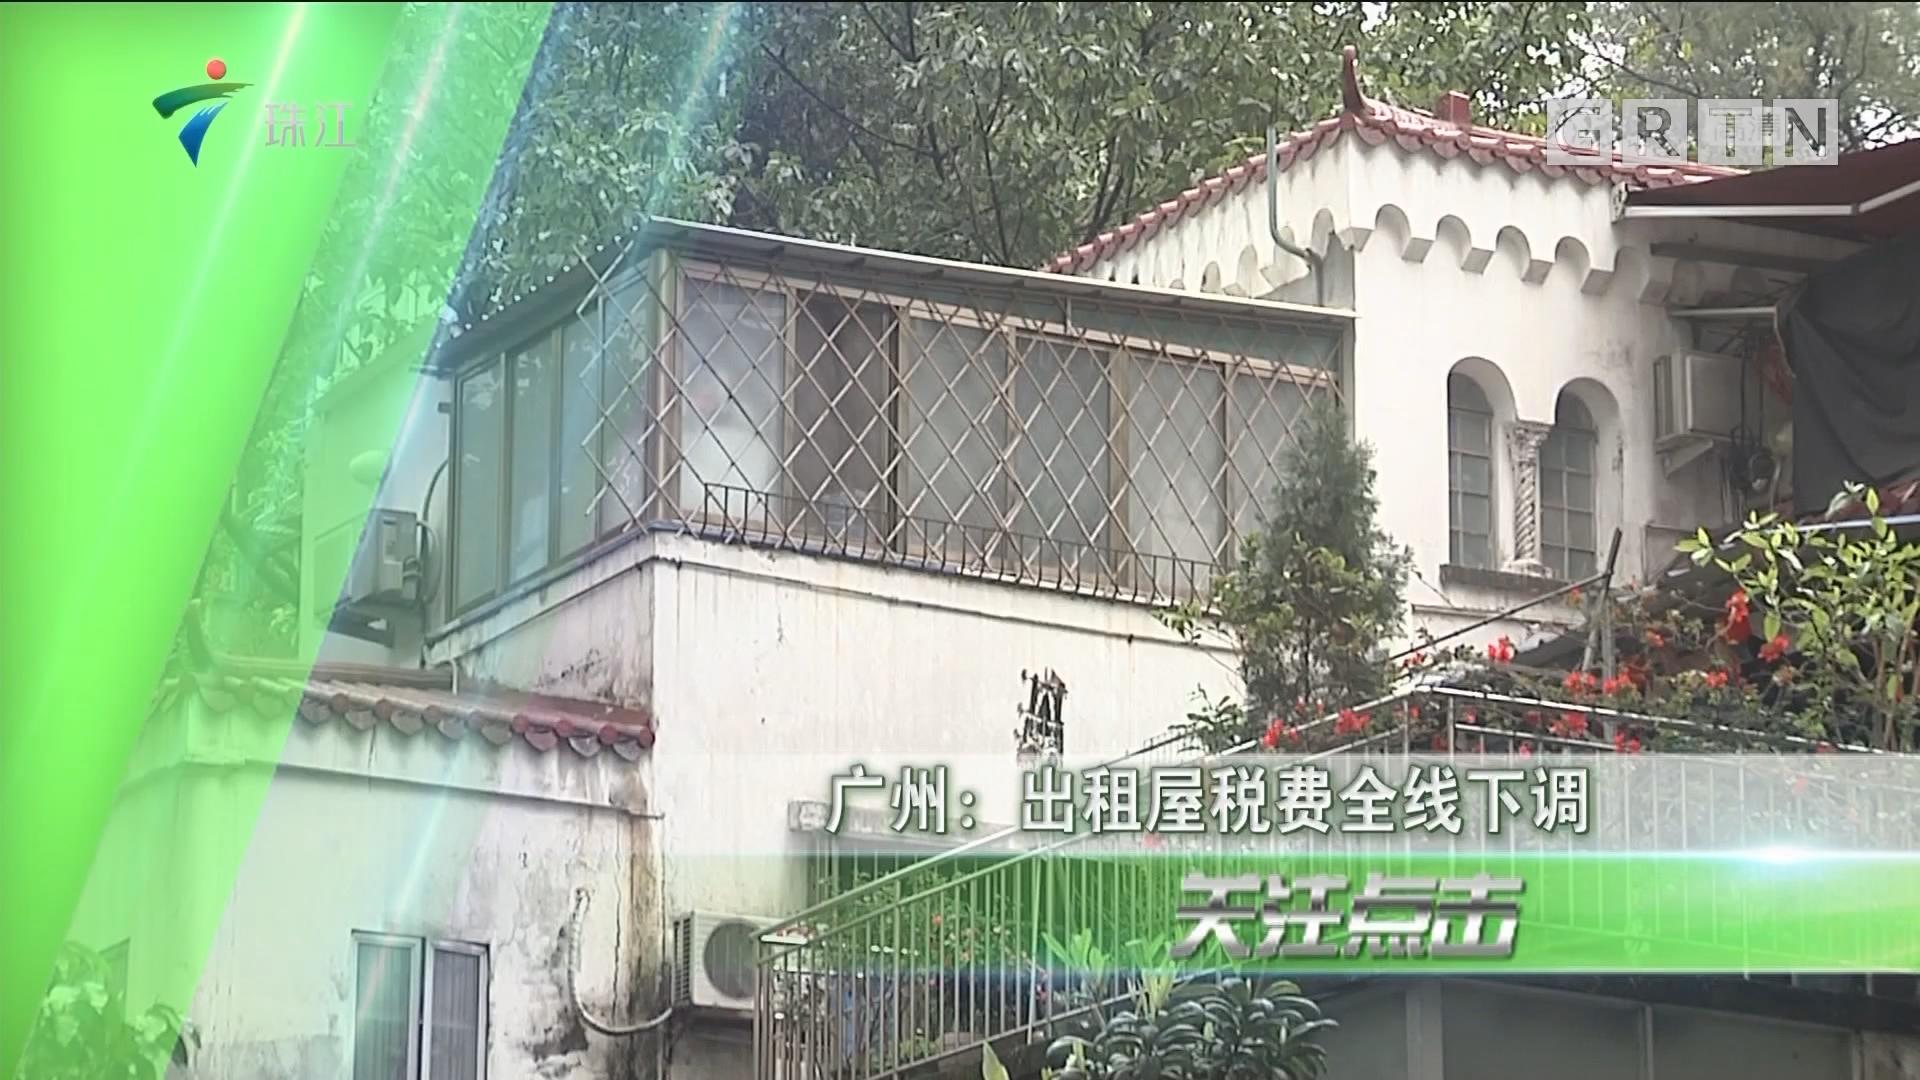 广州:出租屋税费全线下调